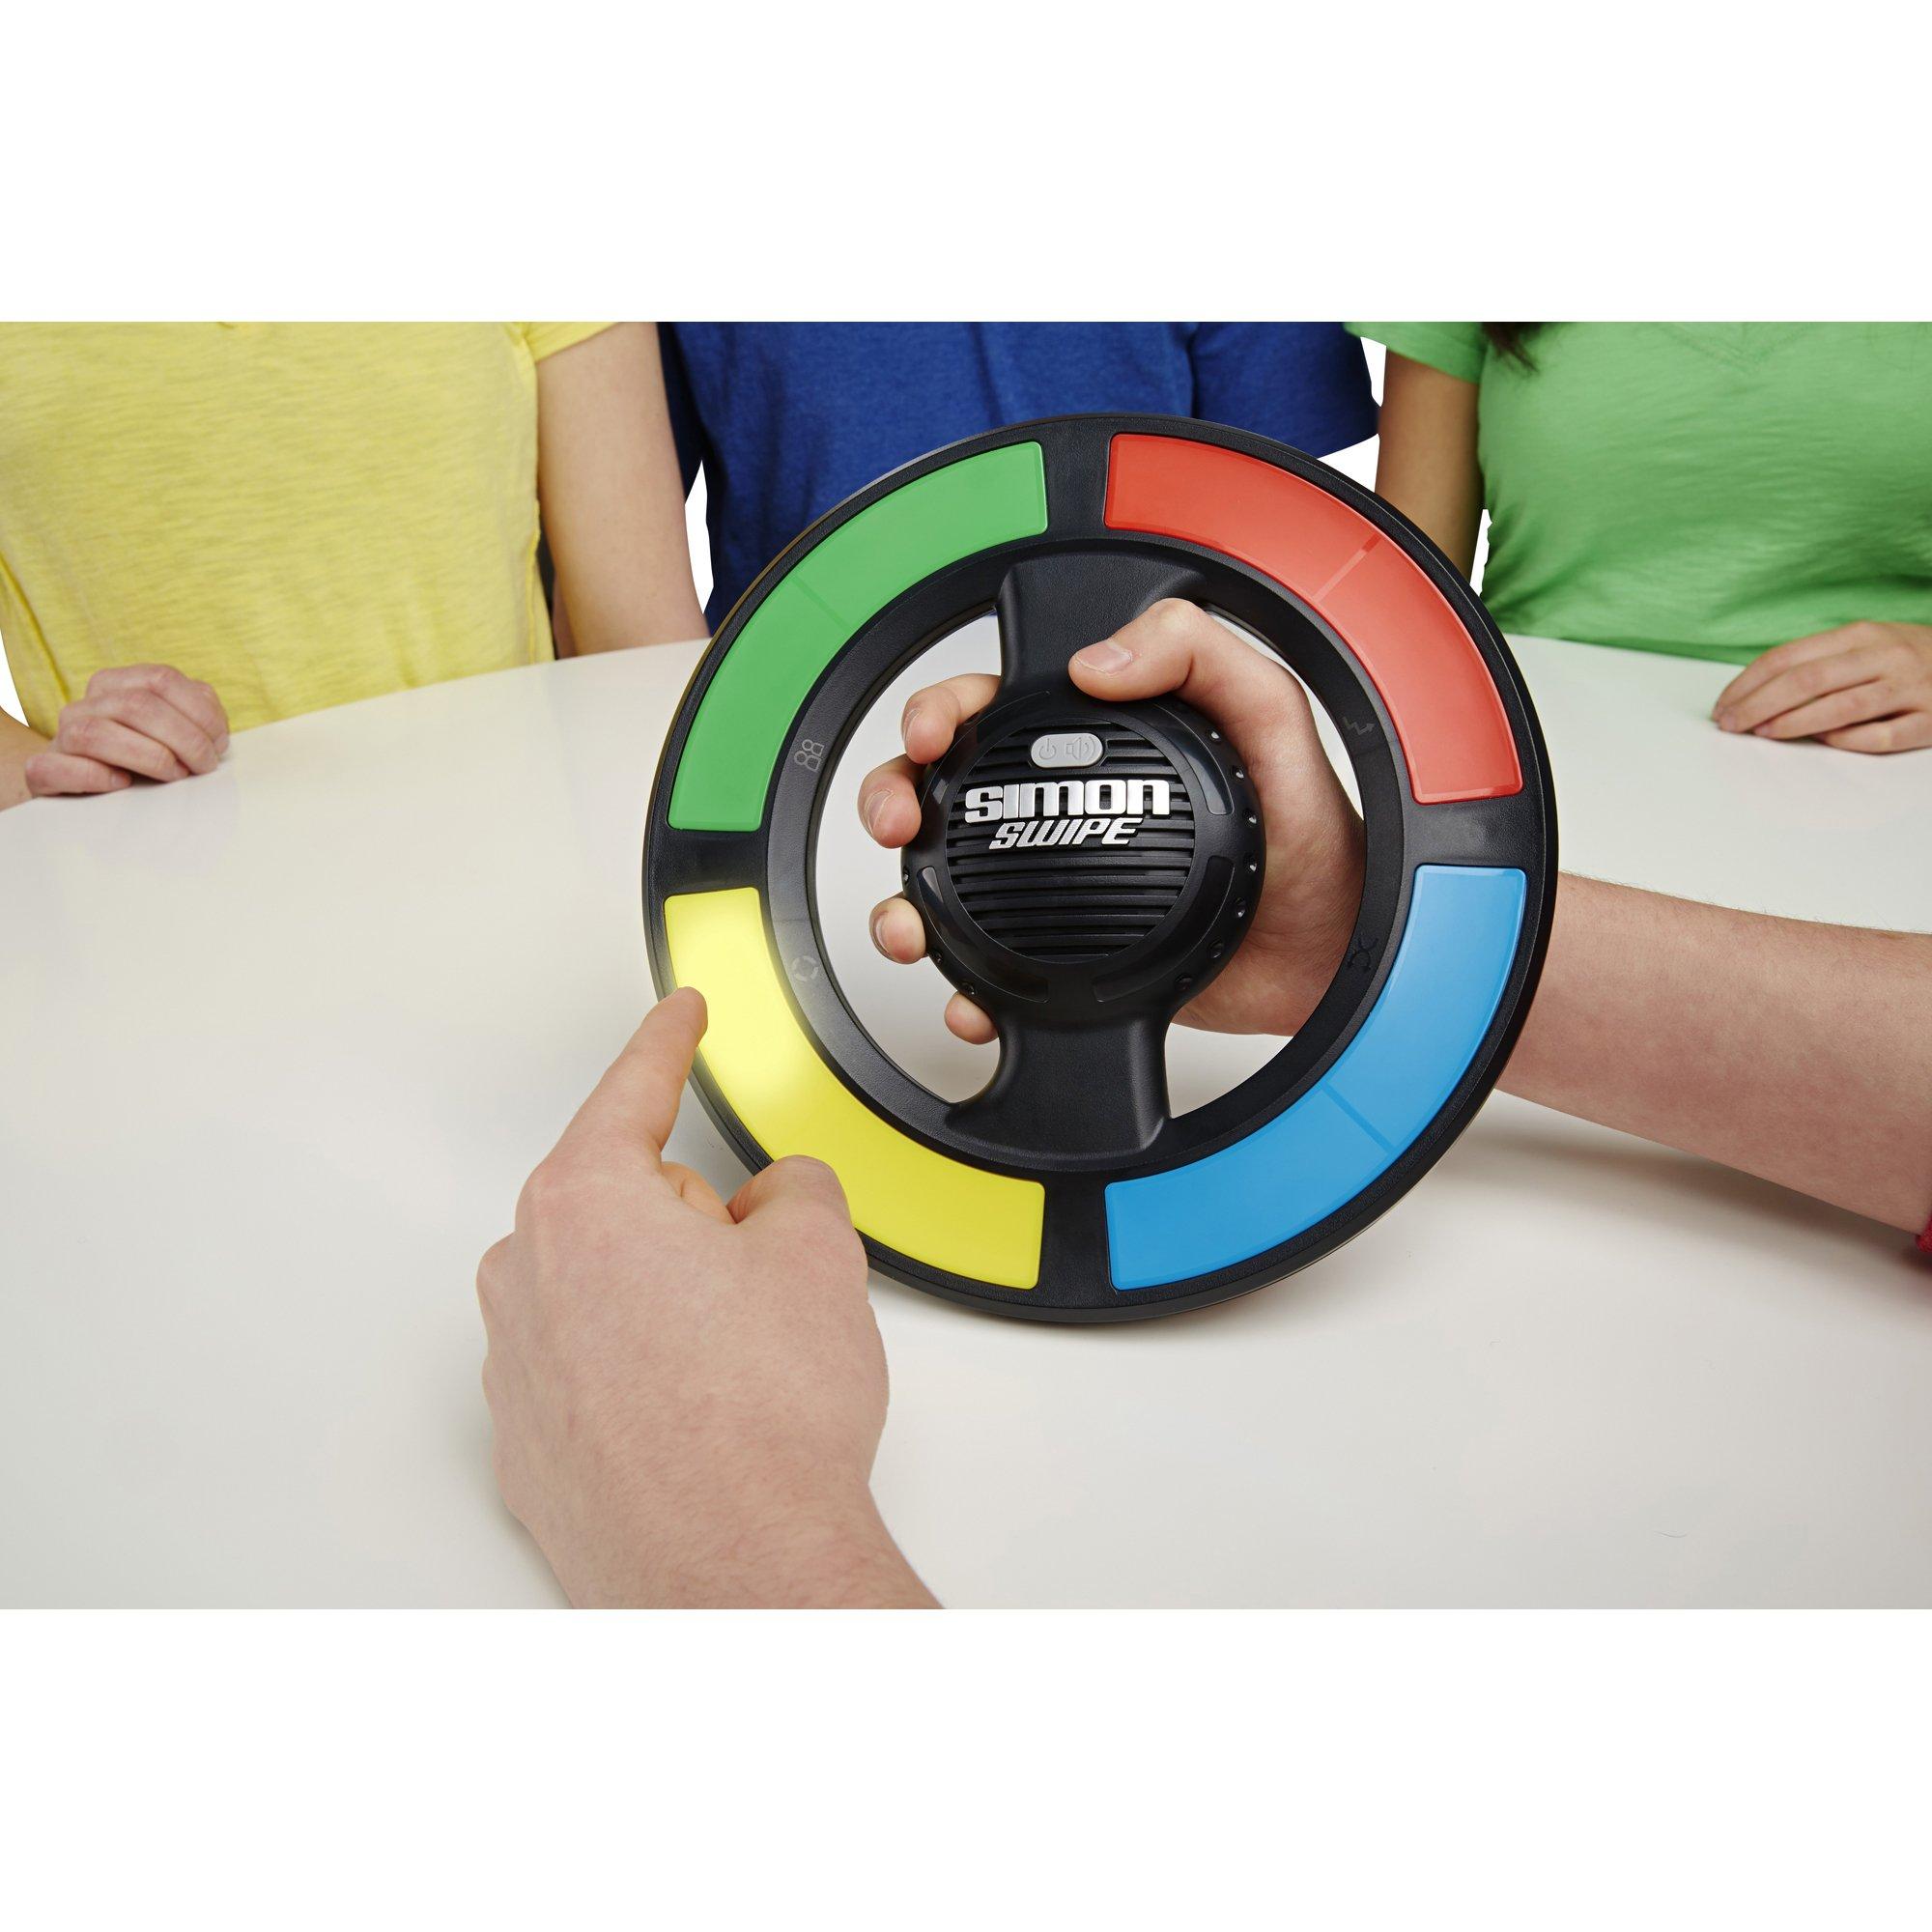 Hasbro Simon Swipe Juego: Amazon.es: Juguetes y juegos